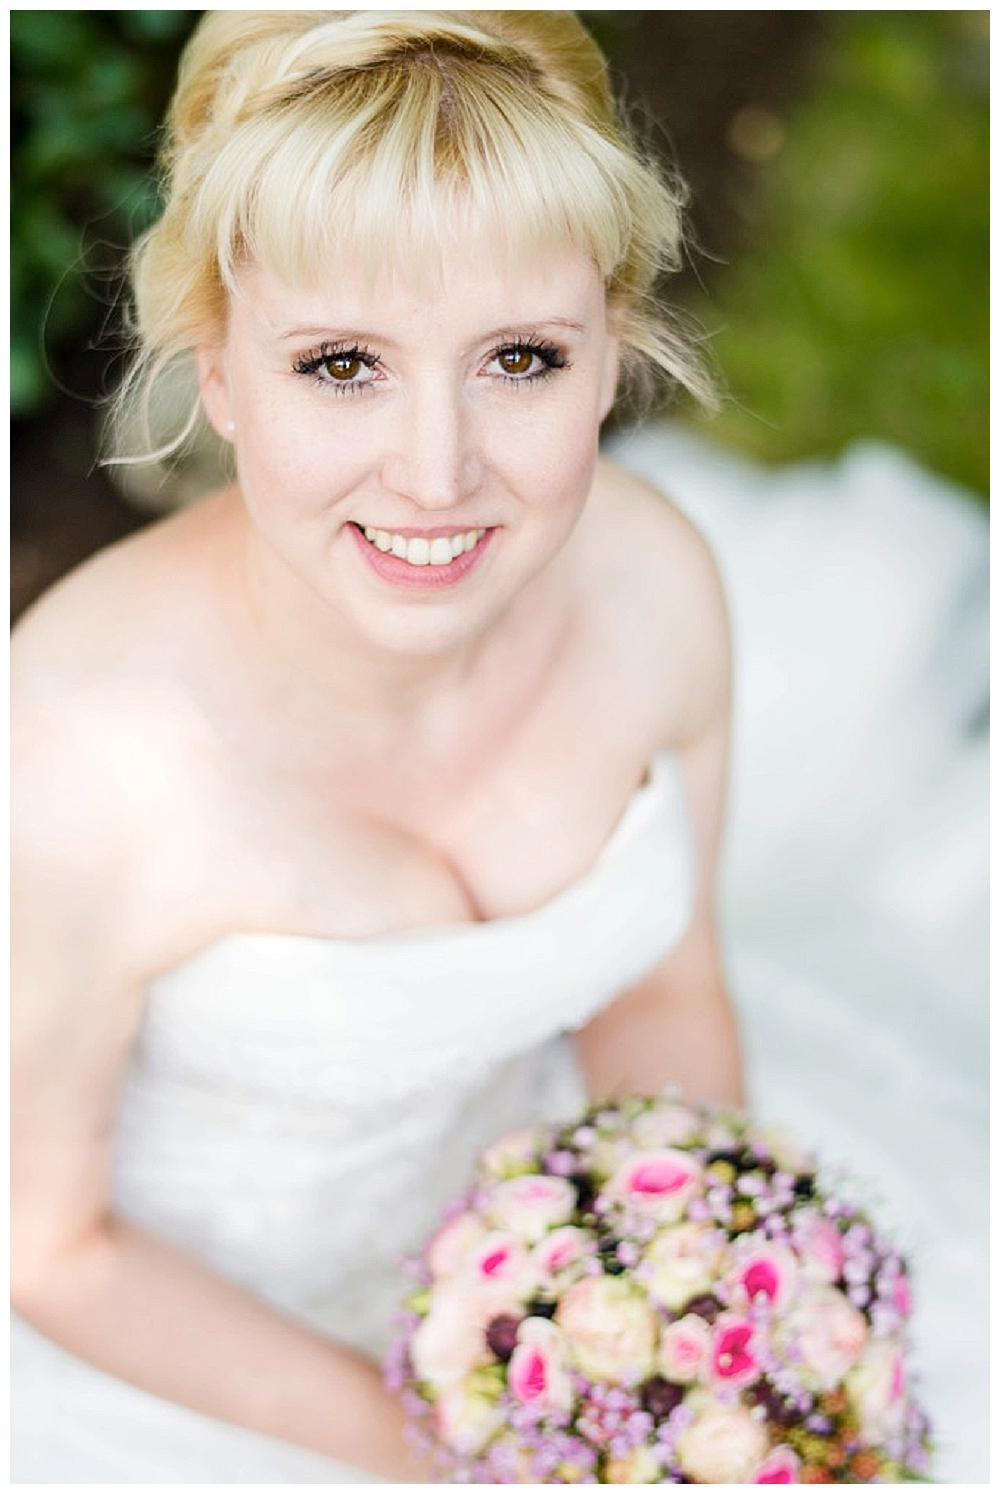 rebeccaconte-455_echte Hochzeit_Vintage_Sommer_rosa_Mühle_Tübingen